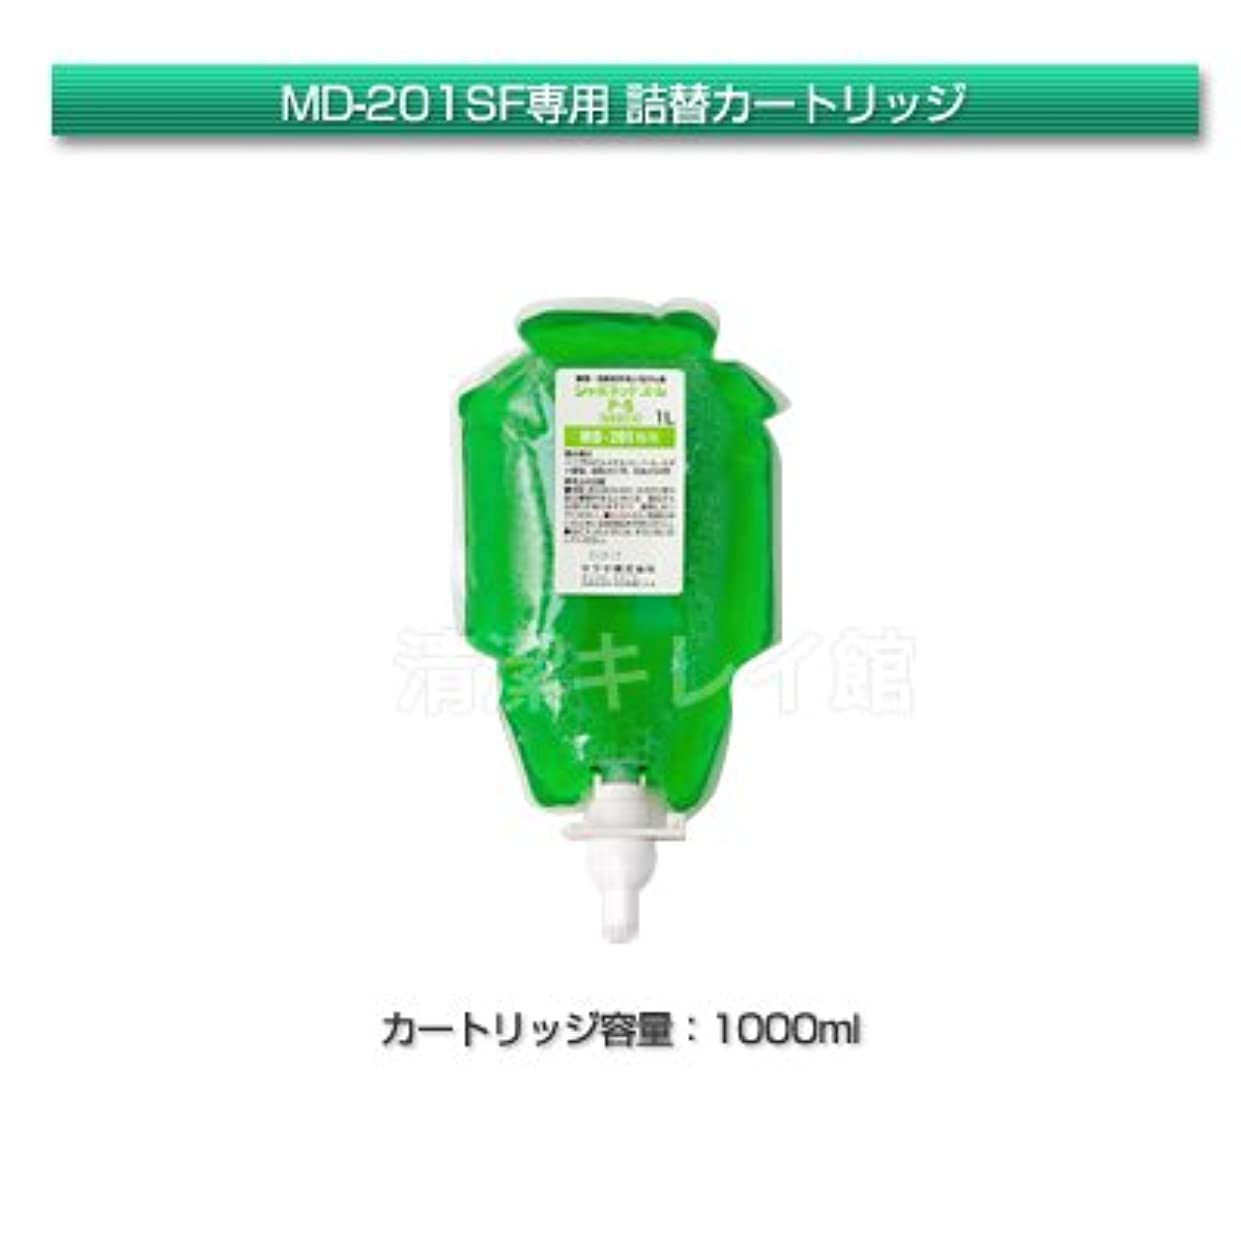 またね黒くするどうやってサラヤ プッシュ式石鹸液 MD-201SF(泡)専用カートリッジ(ユムP-5)1000ml【清潔キレイ館】